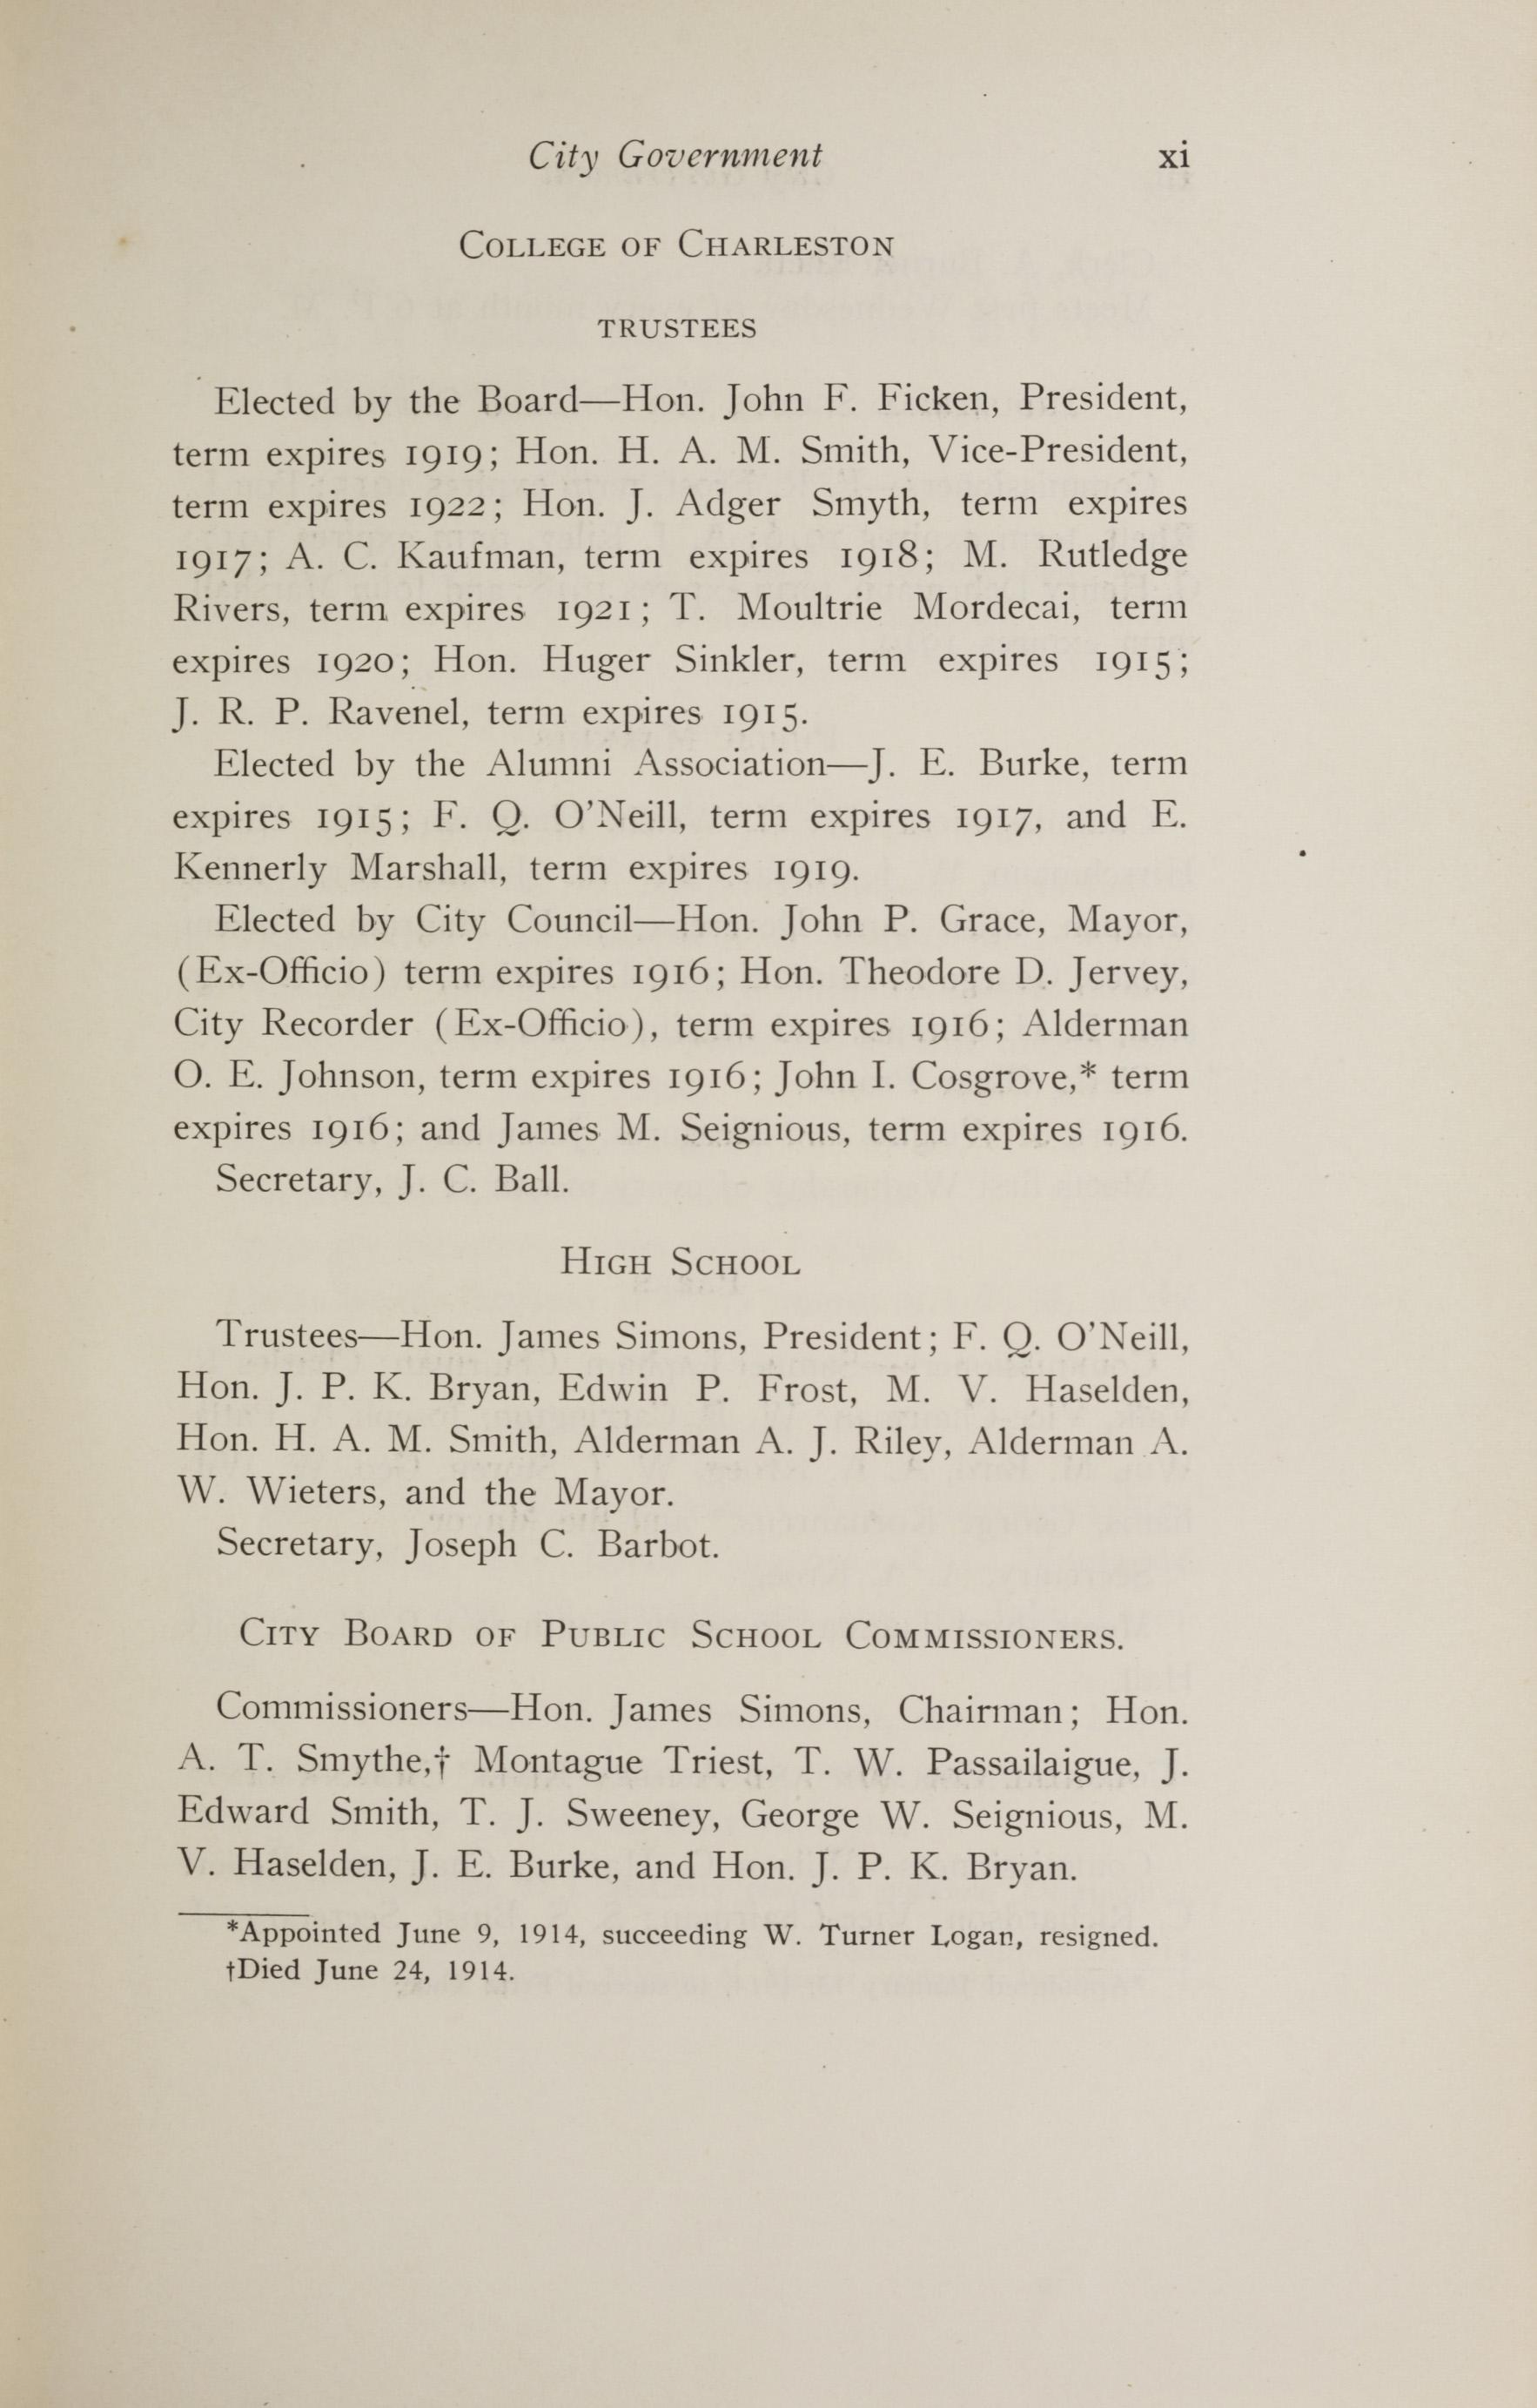 Charleston Yearbook, 1914, page xi